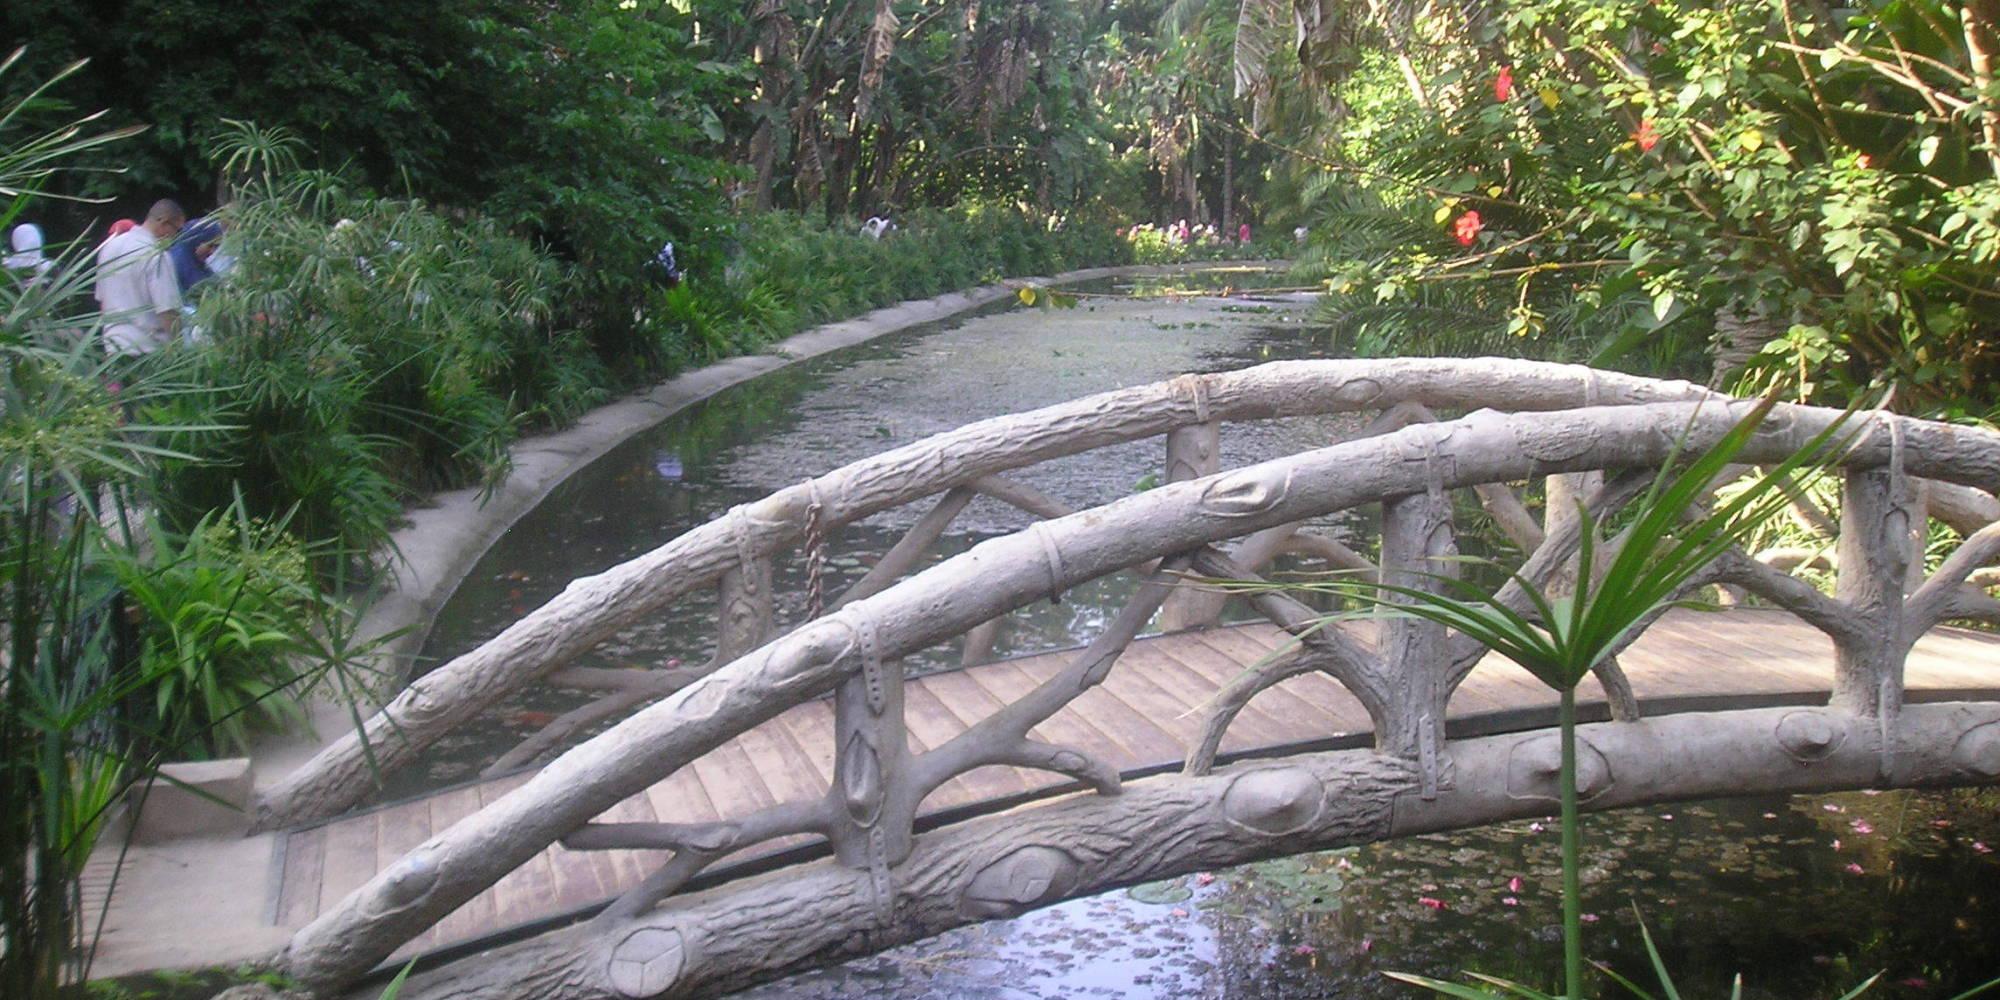 Le jardin d 39 essai d 39 alger un lieu magique achour mihoubi for Jardin olof palme alger